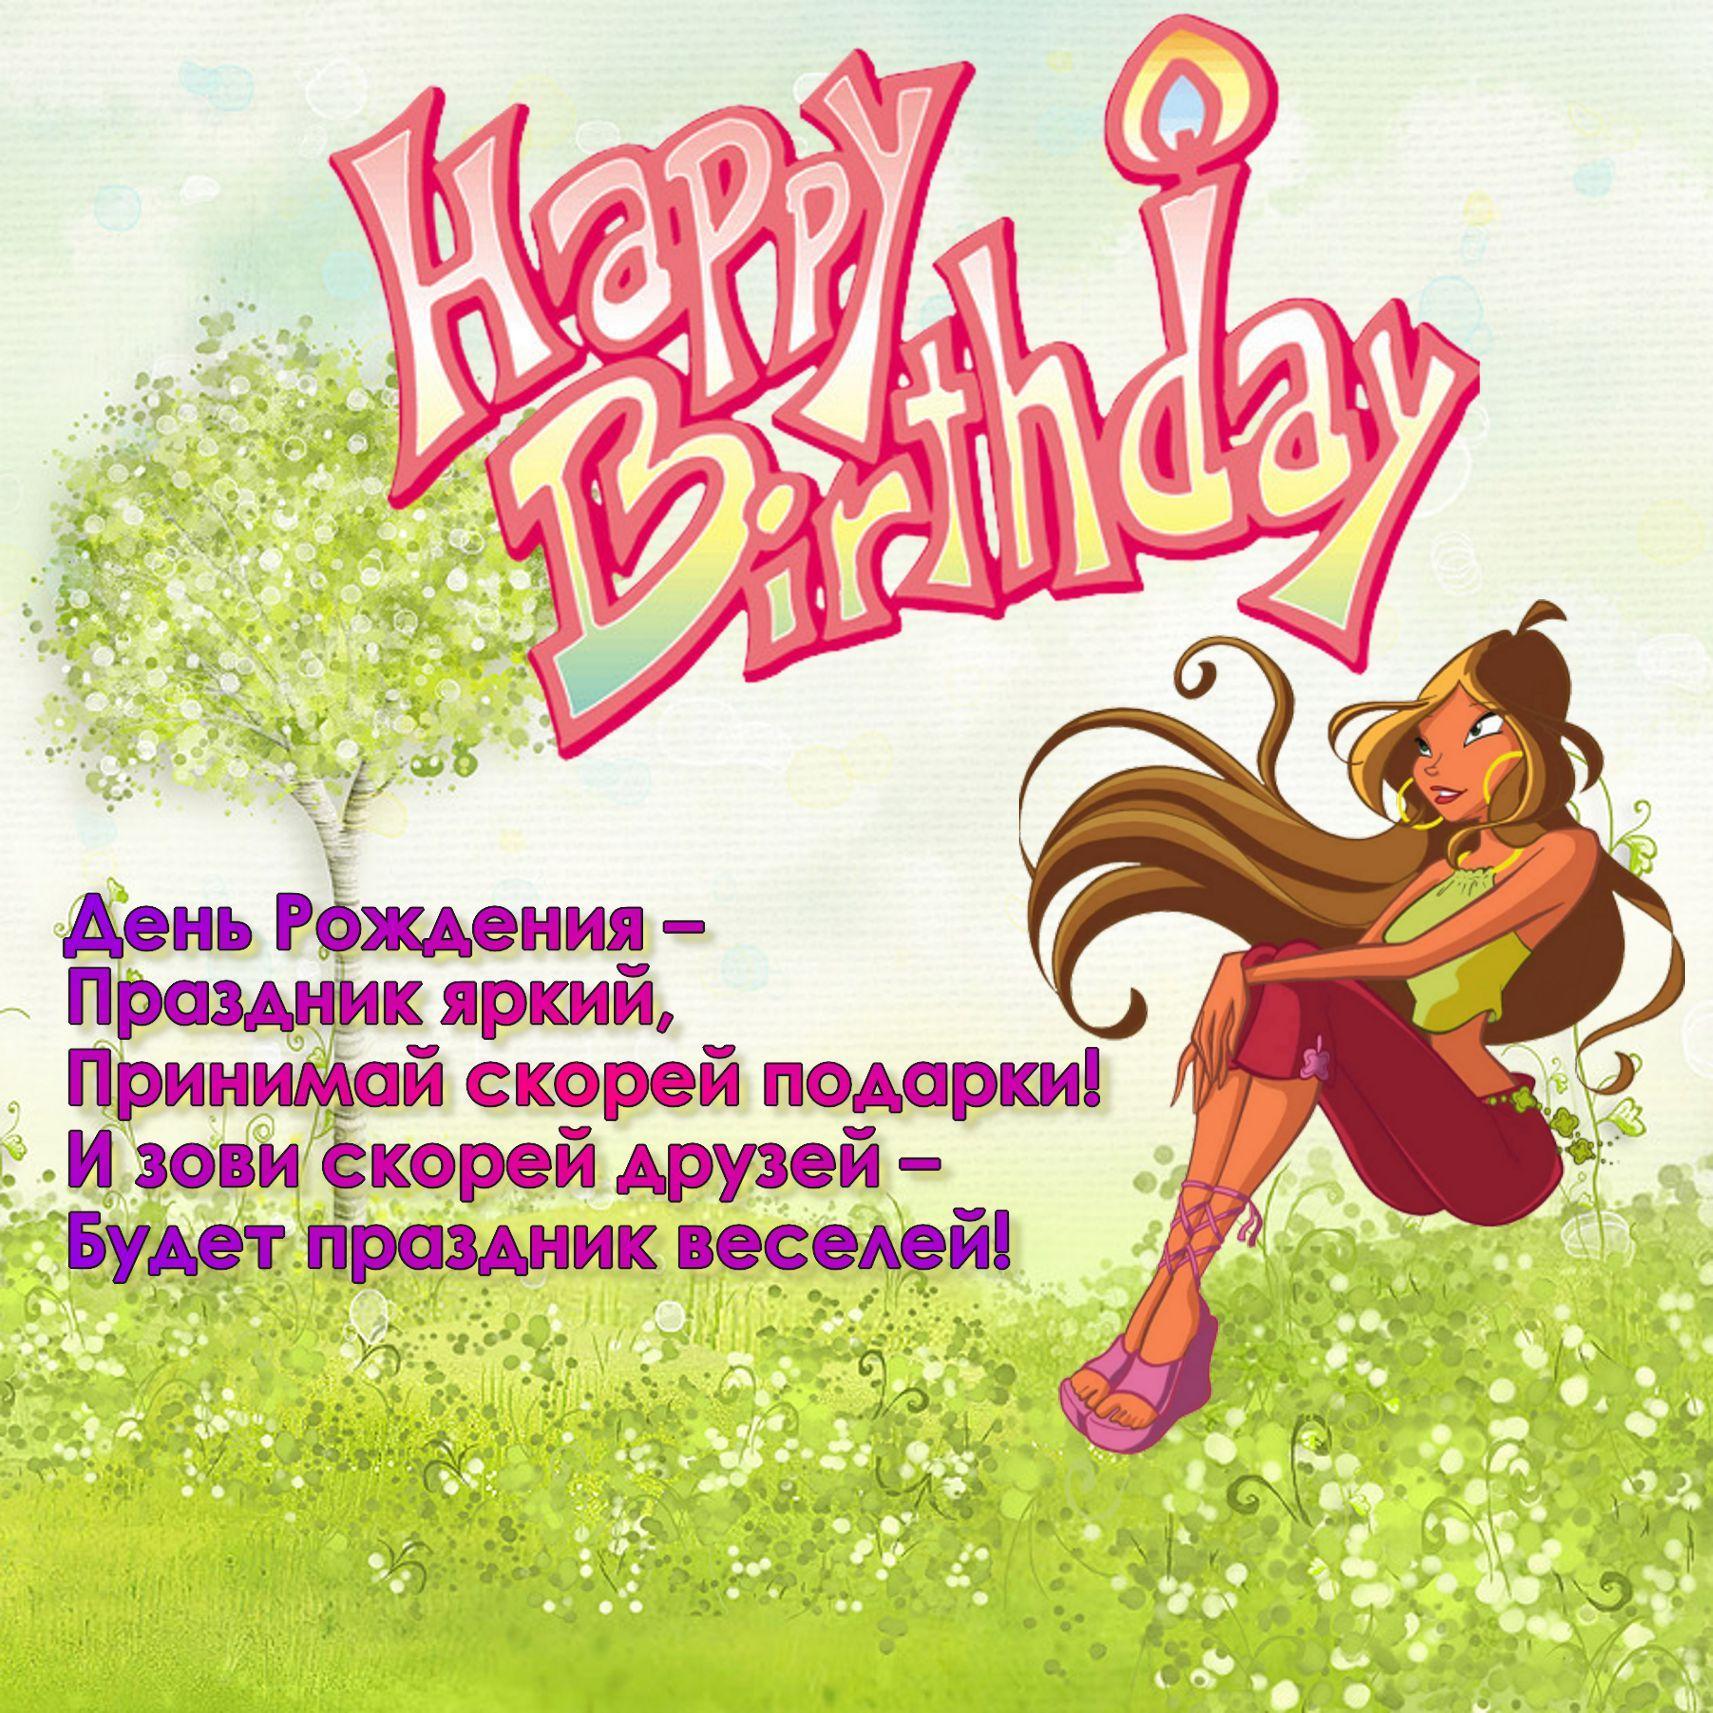 Стихотворные поздравления с днем рождения для девочки